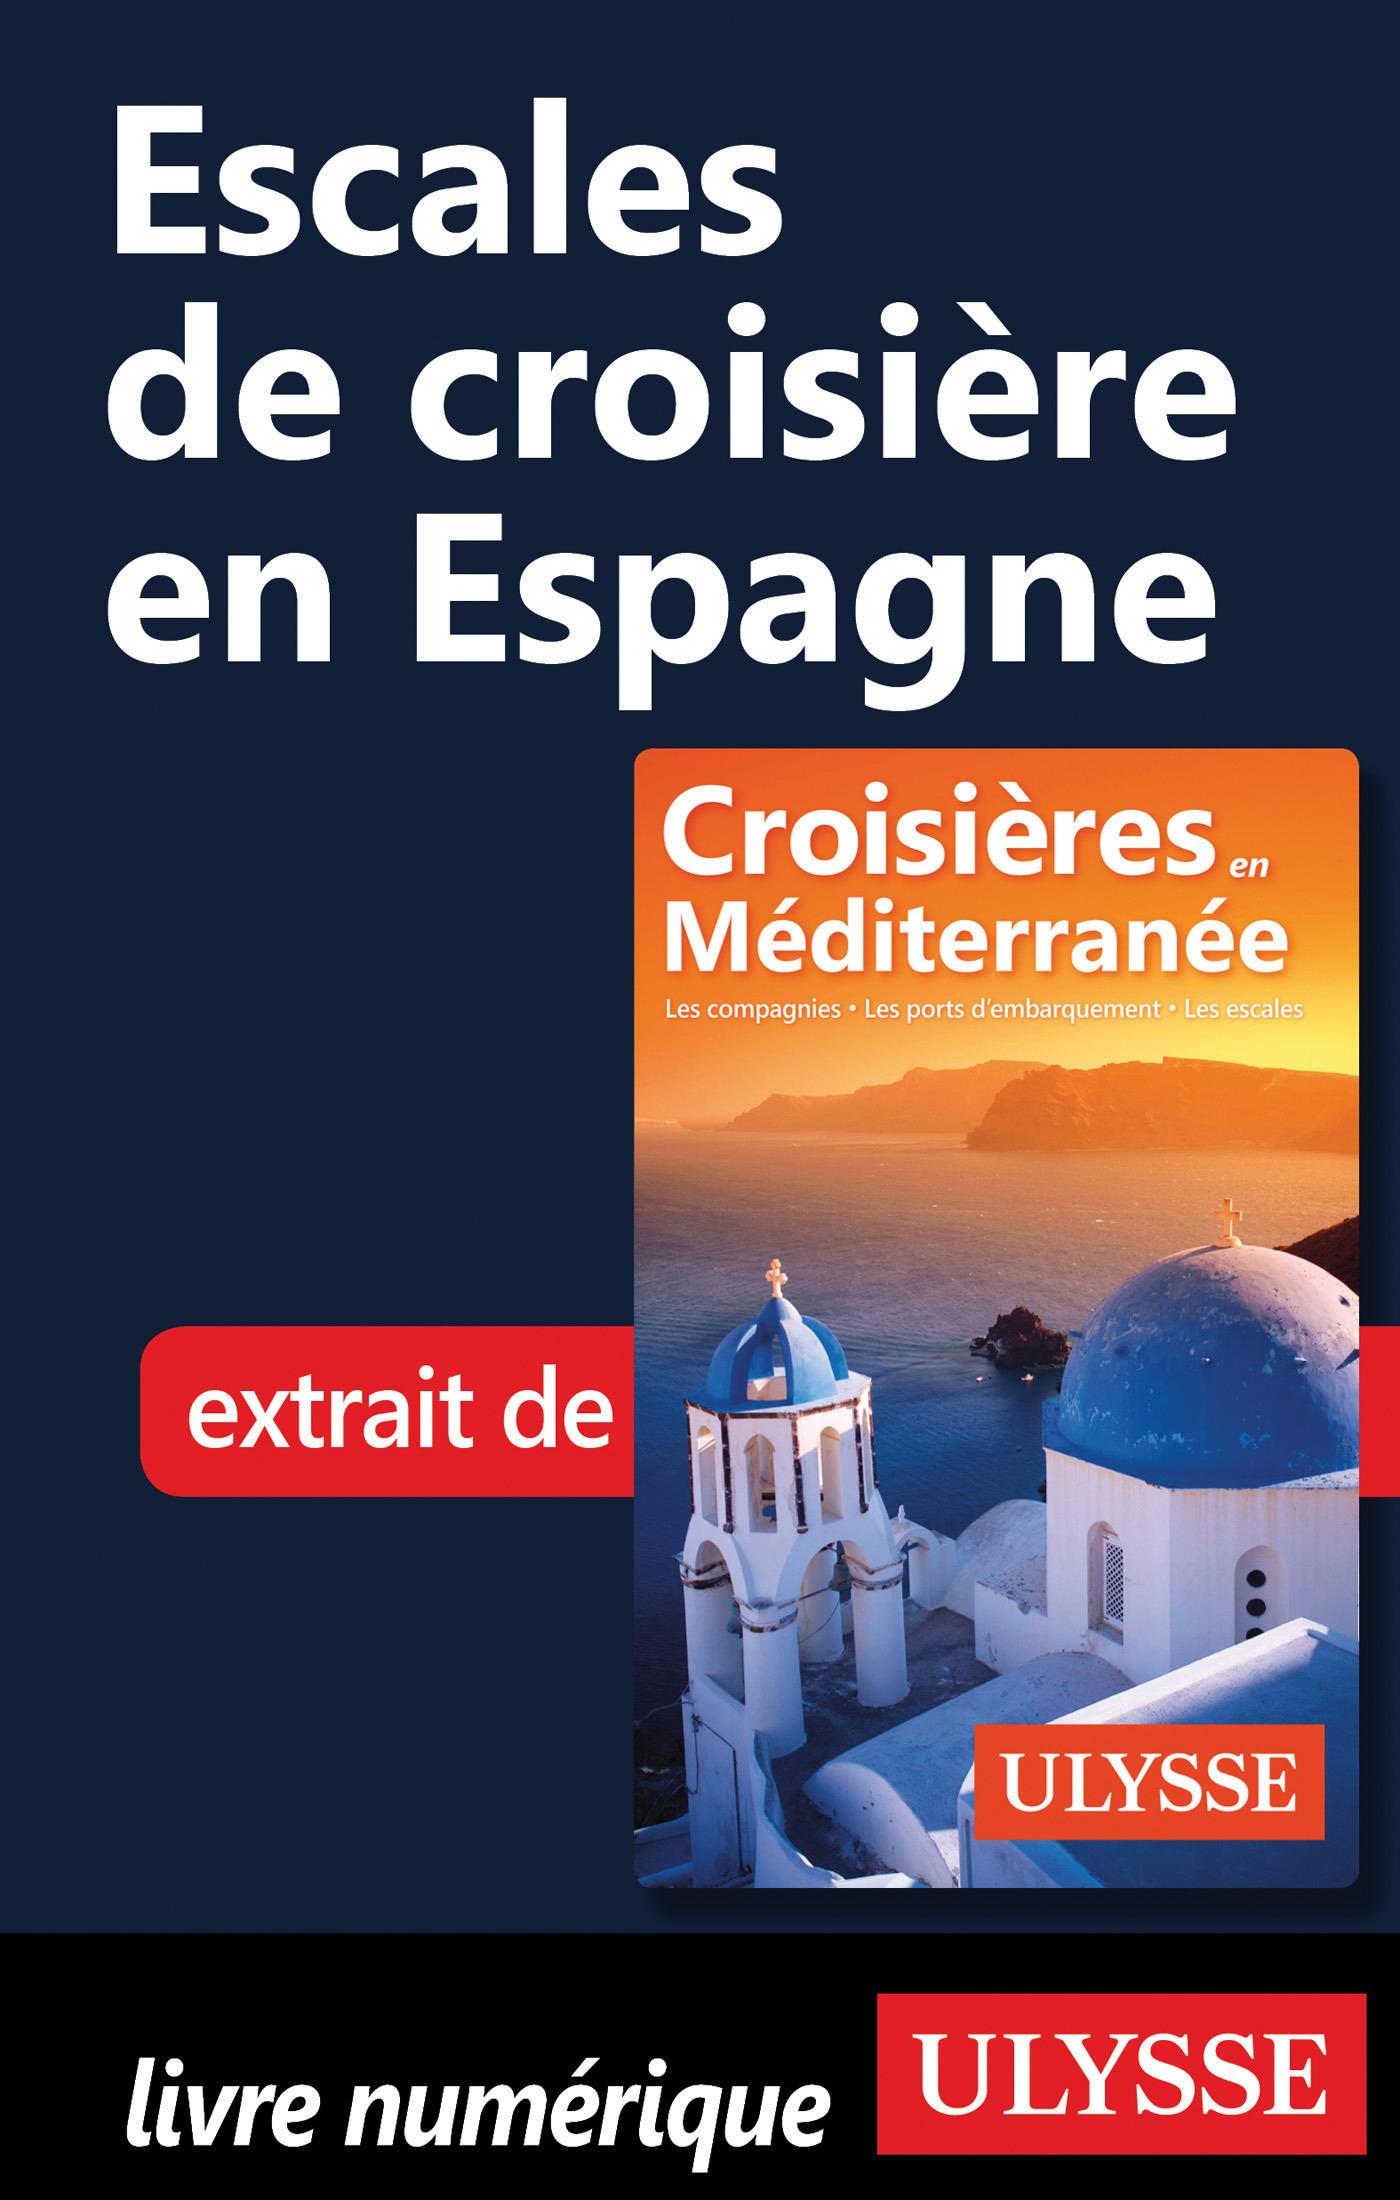 Escales de croisière en Espagne